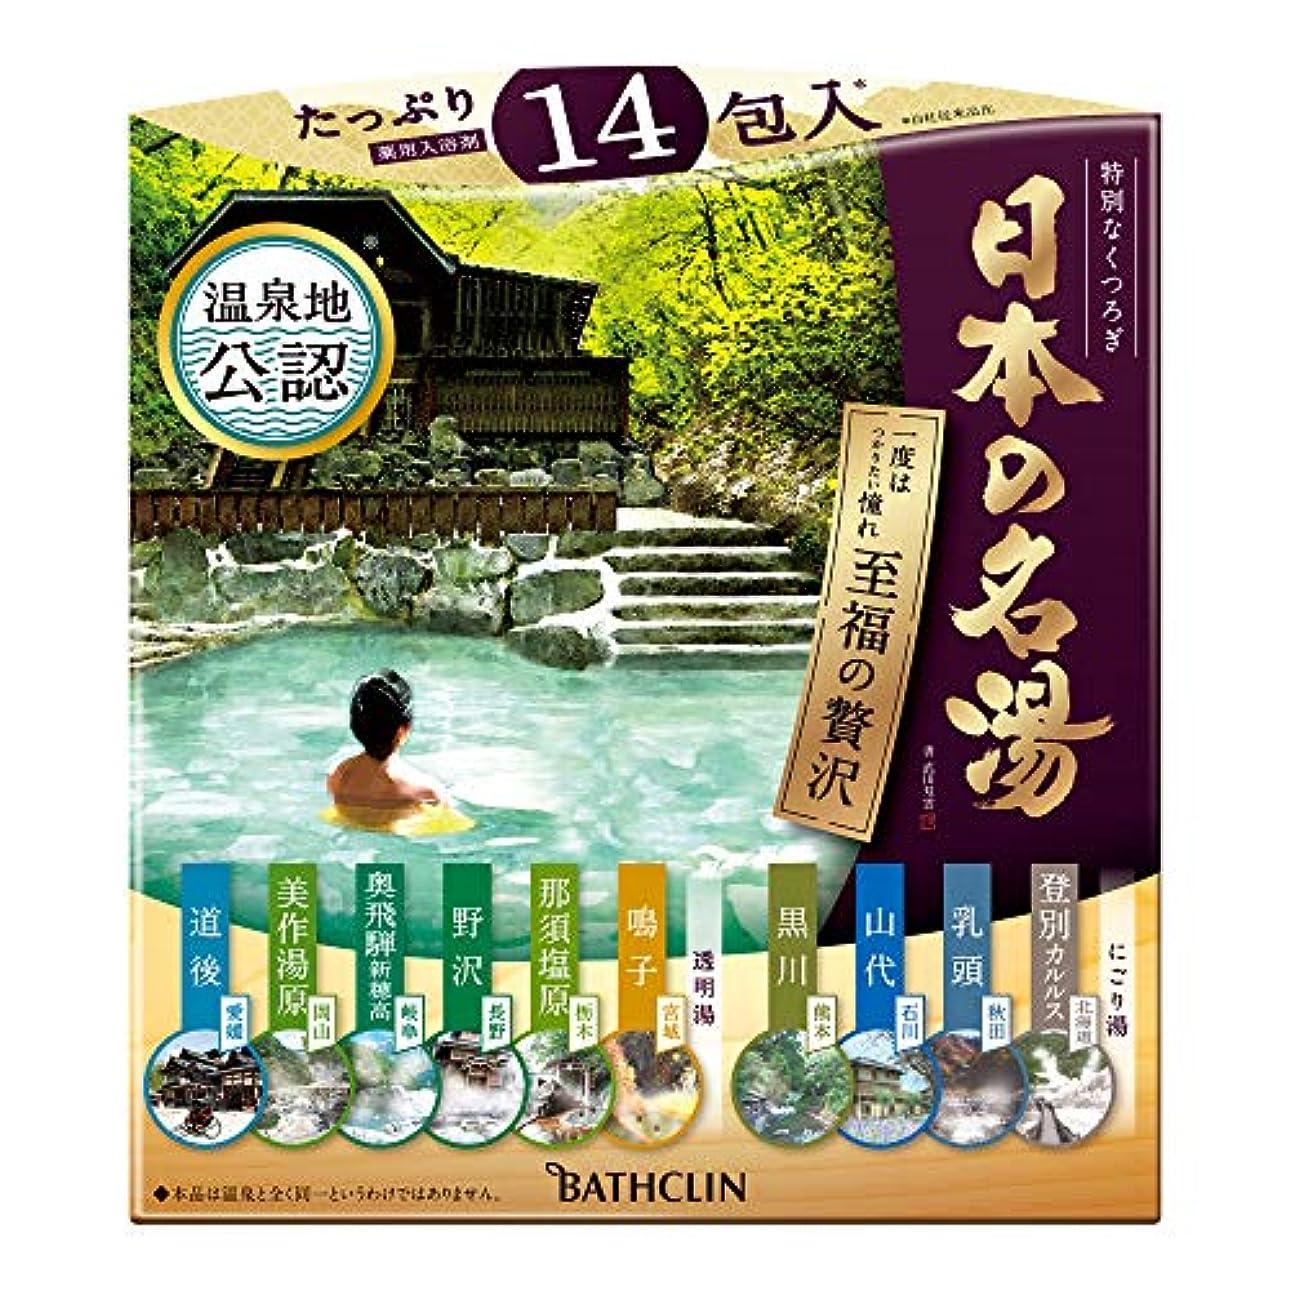 暴動お祝いレッドデート日本の名湯 至福の贅沢 入浴剤 色と香りで情緒を表現した温泉タイプ入浴剤 セット 30g×14包